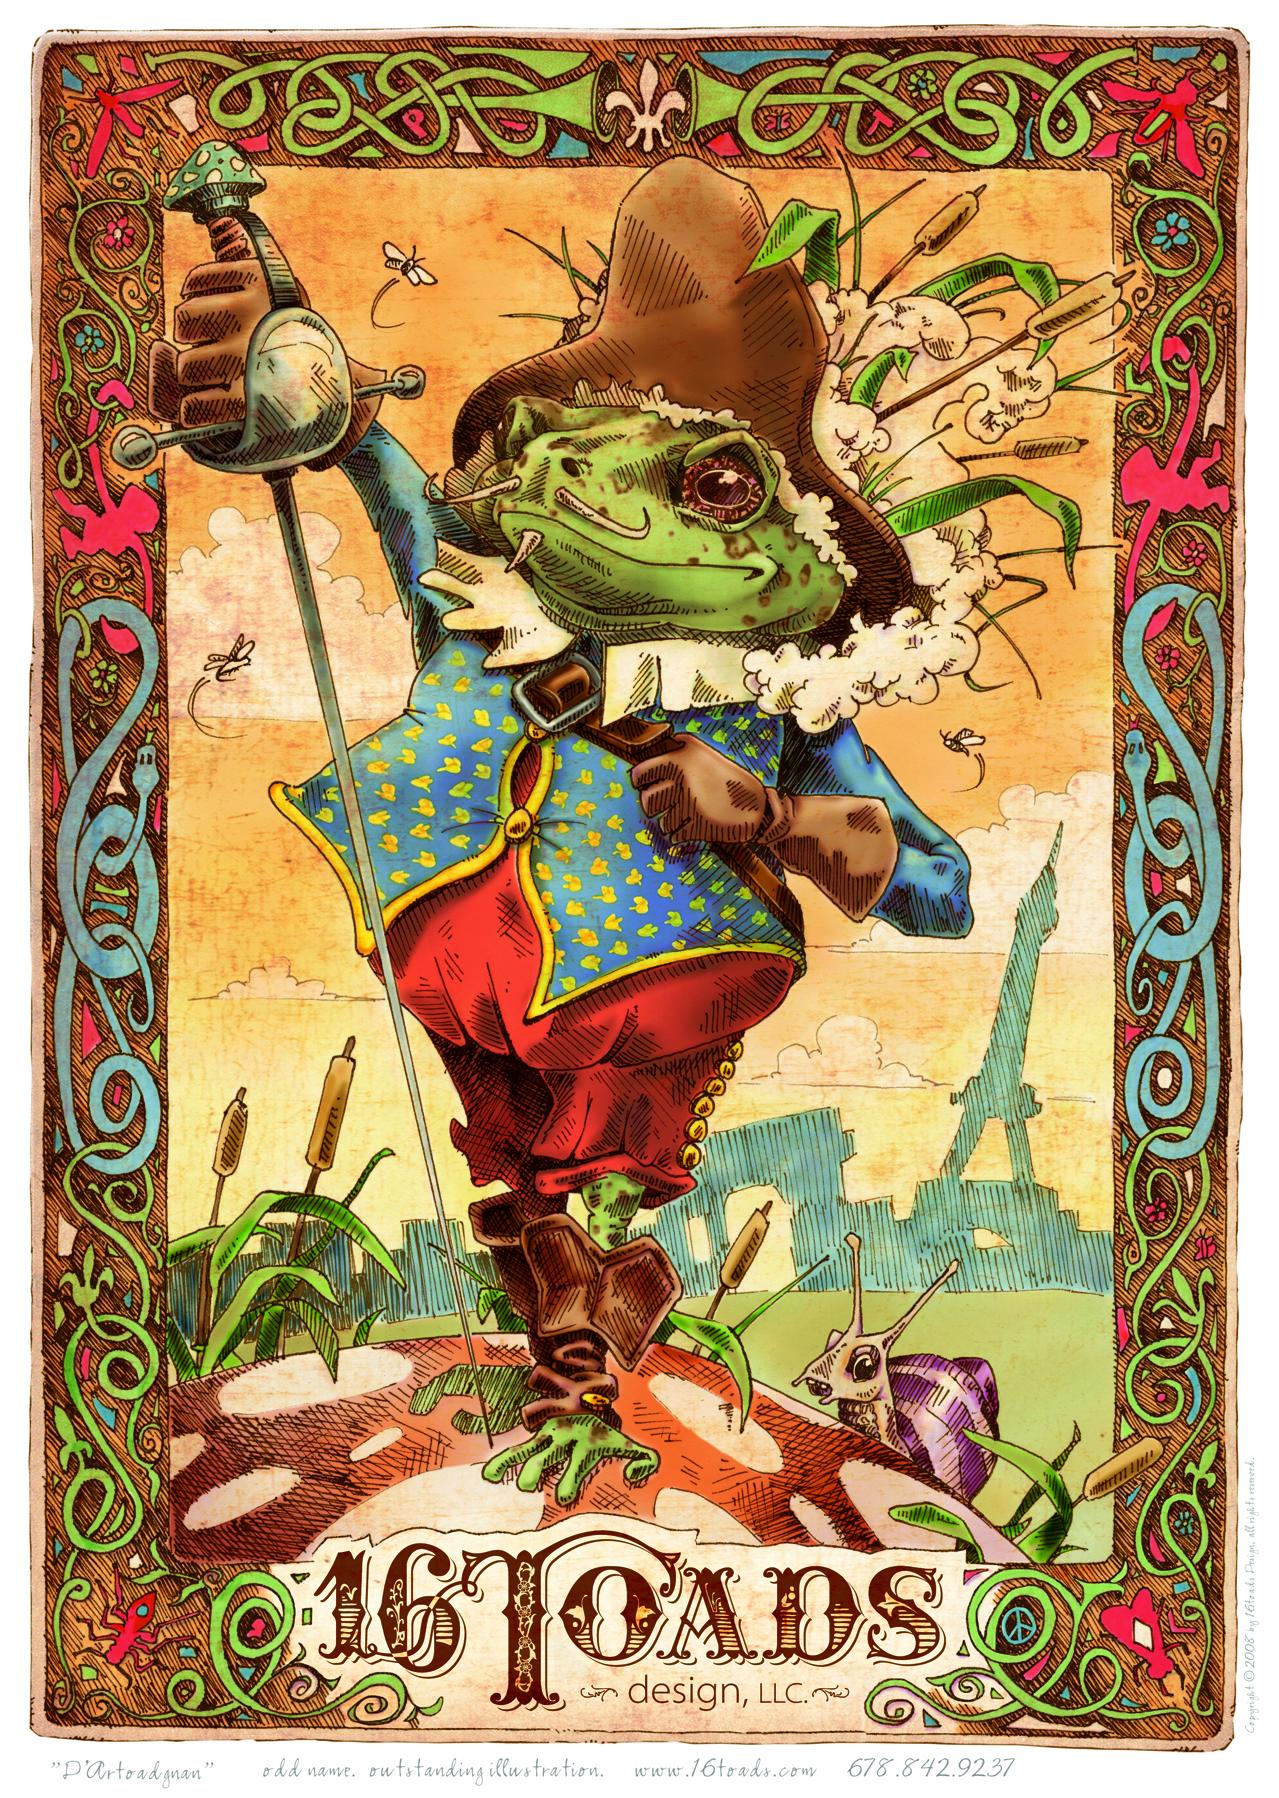 toad-musketeer-FINAL.jpg